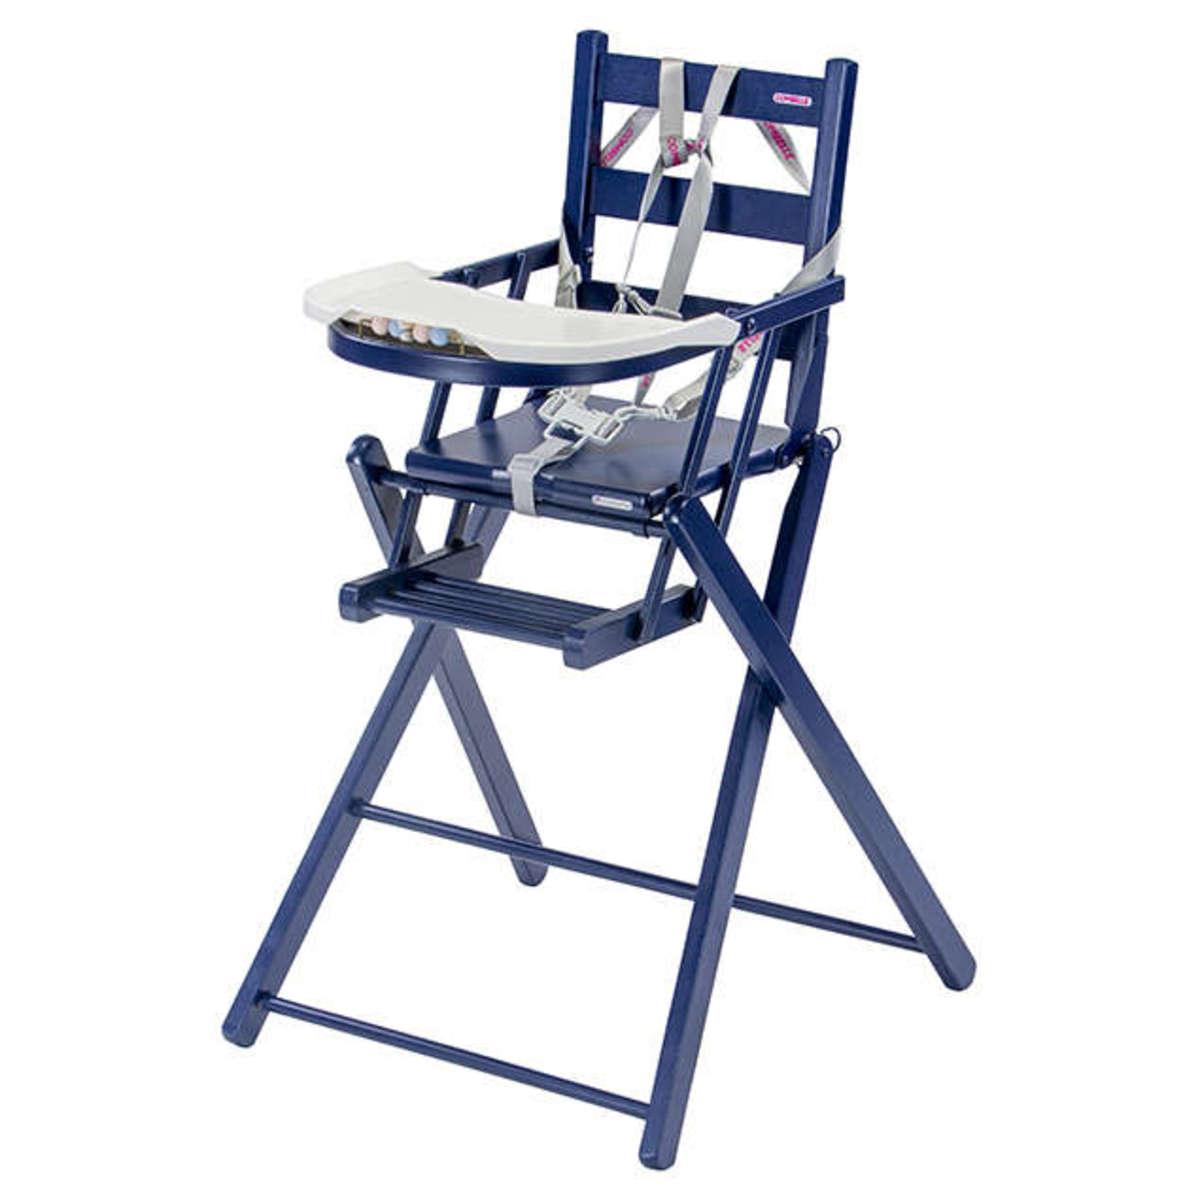 Combelle chaise haute extra pliante sarah laqu bleu for Chaise haute combelle extra pliante